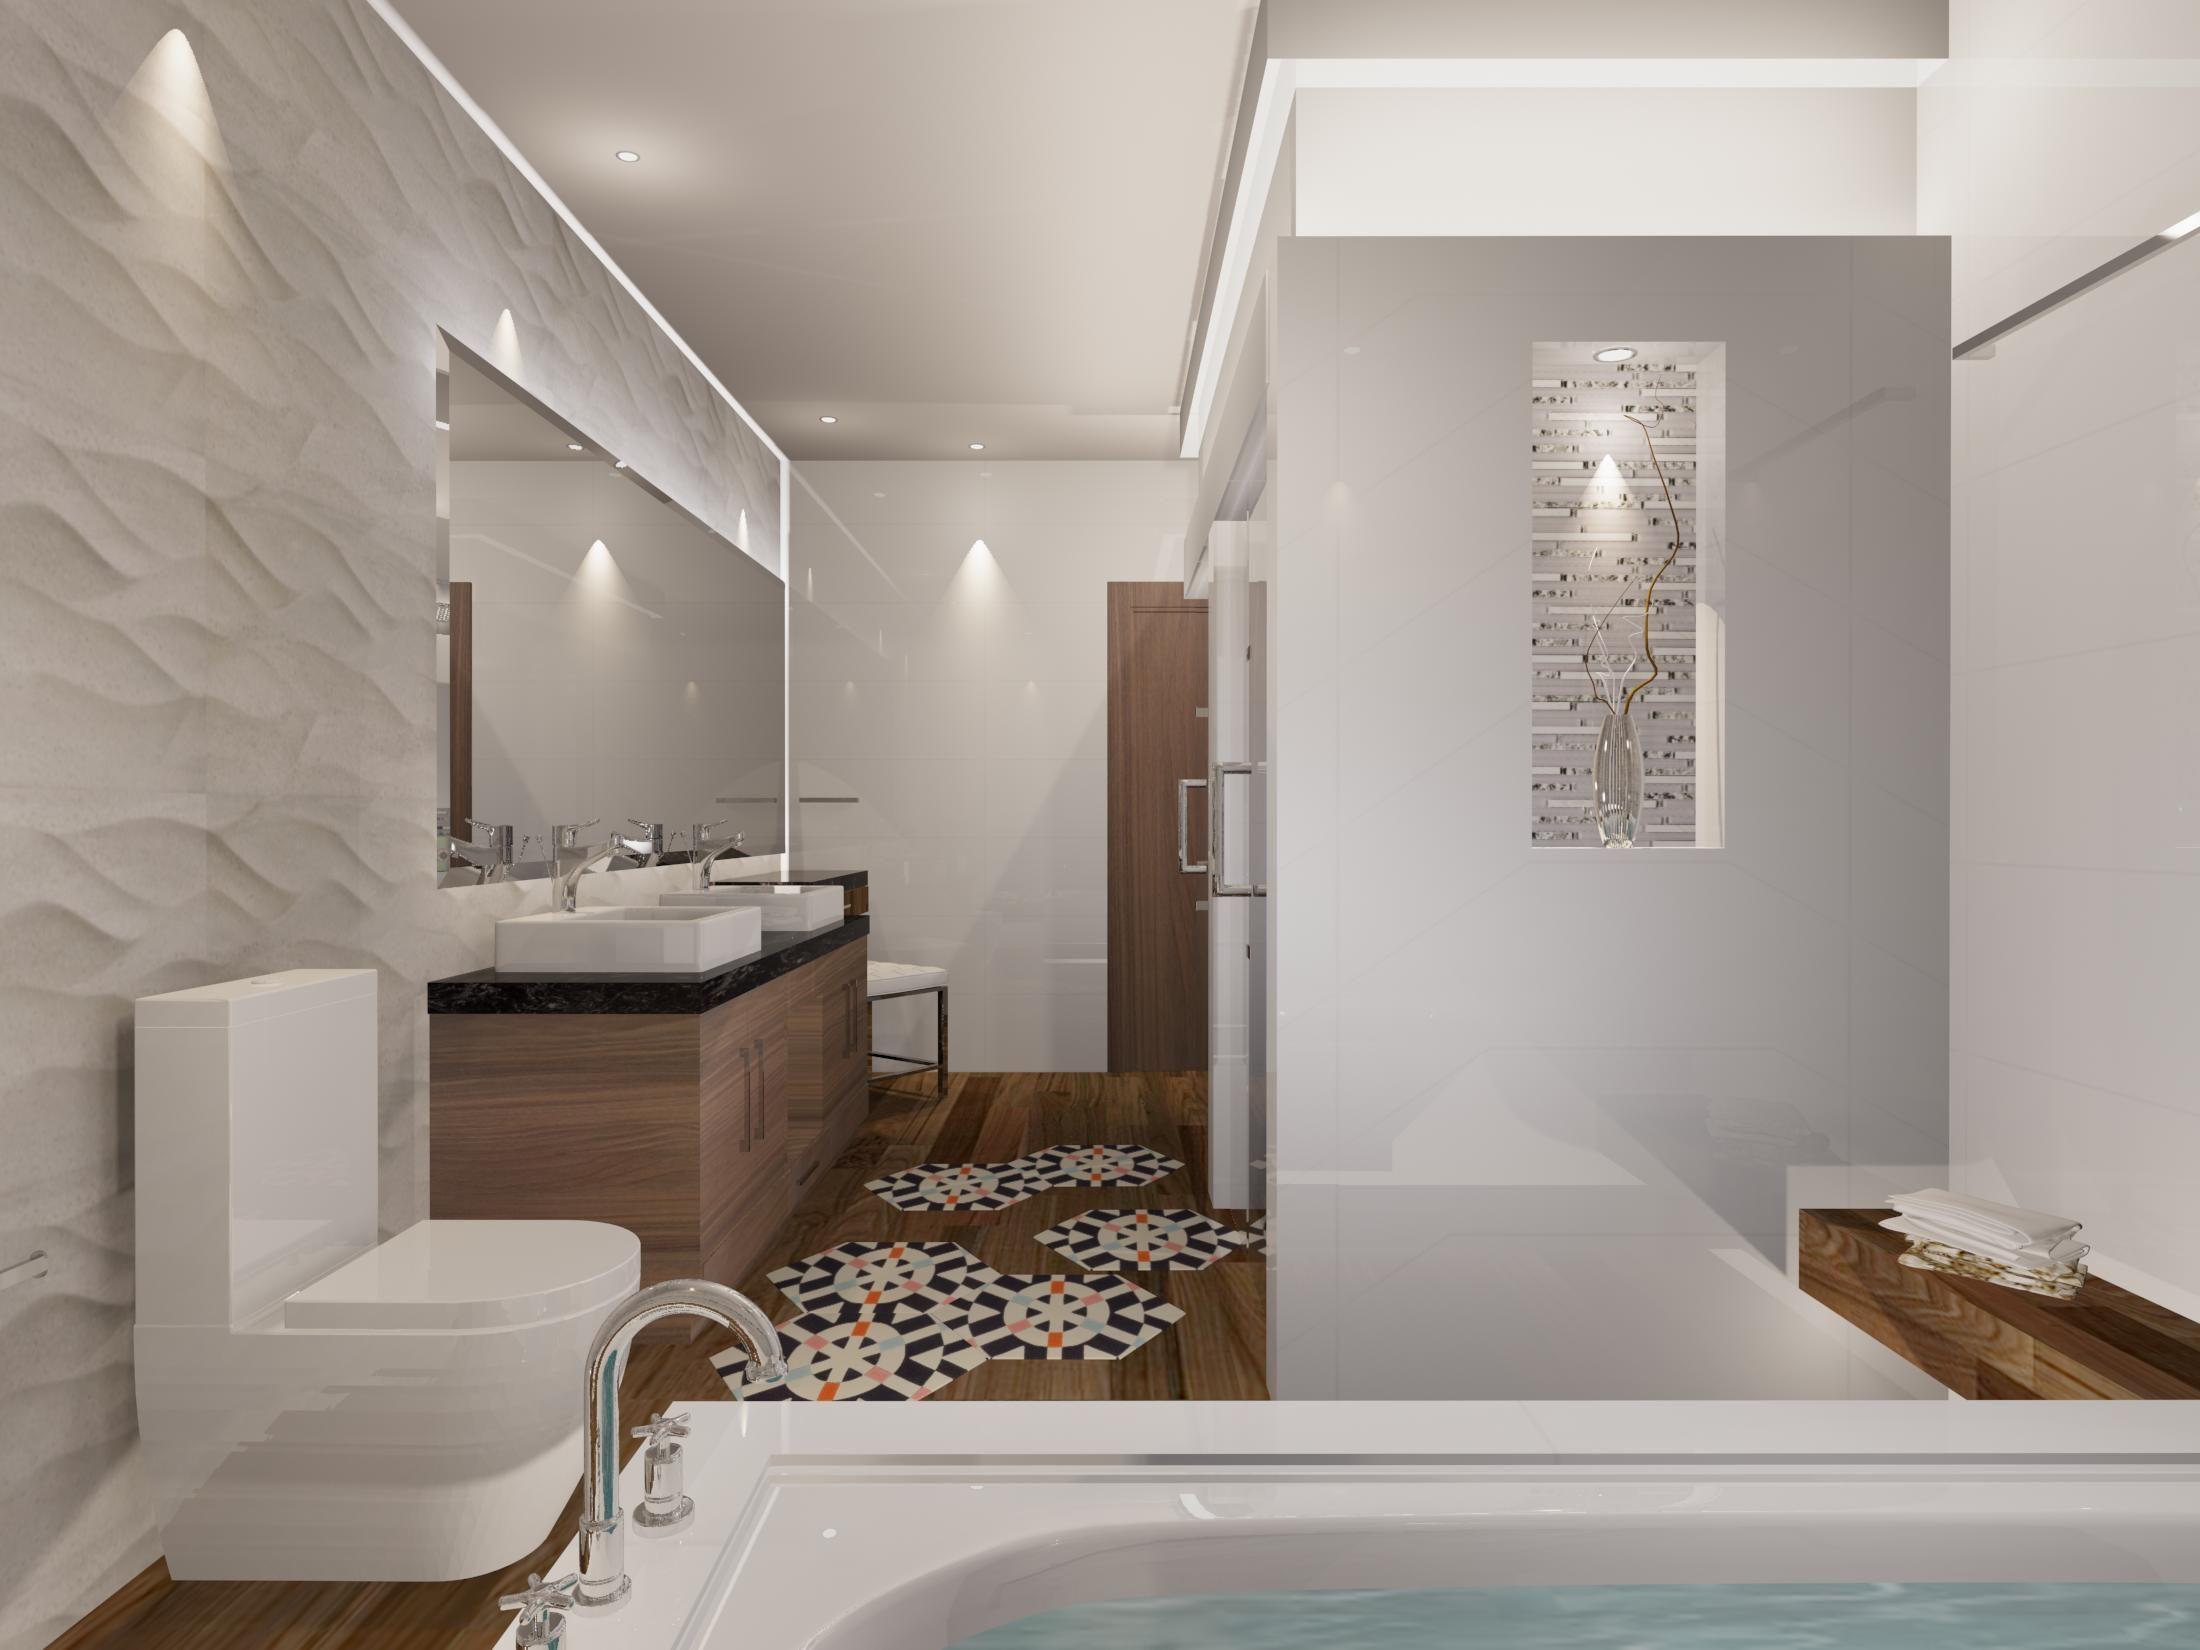 Cuarto De Bano De Estilo Contemporaneo Materiales Utilizados Muro Porcelanato Ona Natural 33 3x100 De Porcelanosa Malla Decorativa Home Bathroom Bathtub